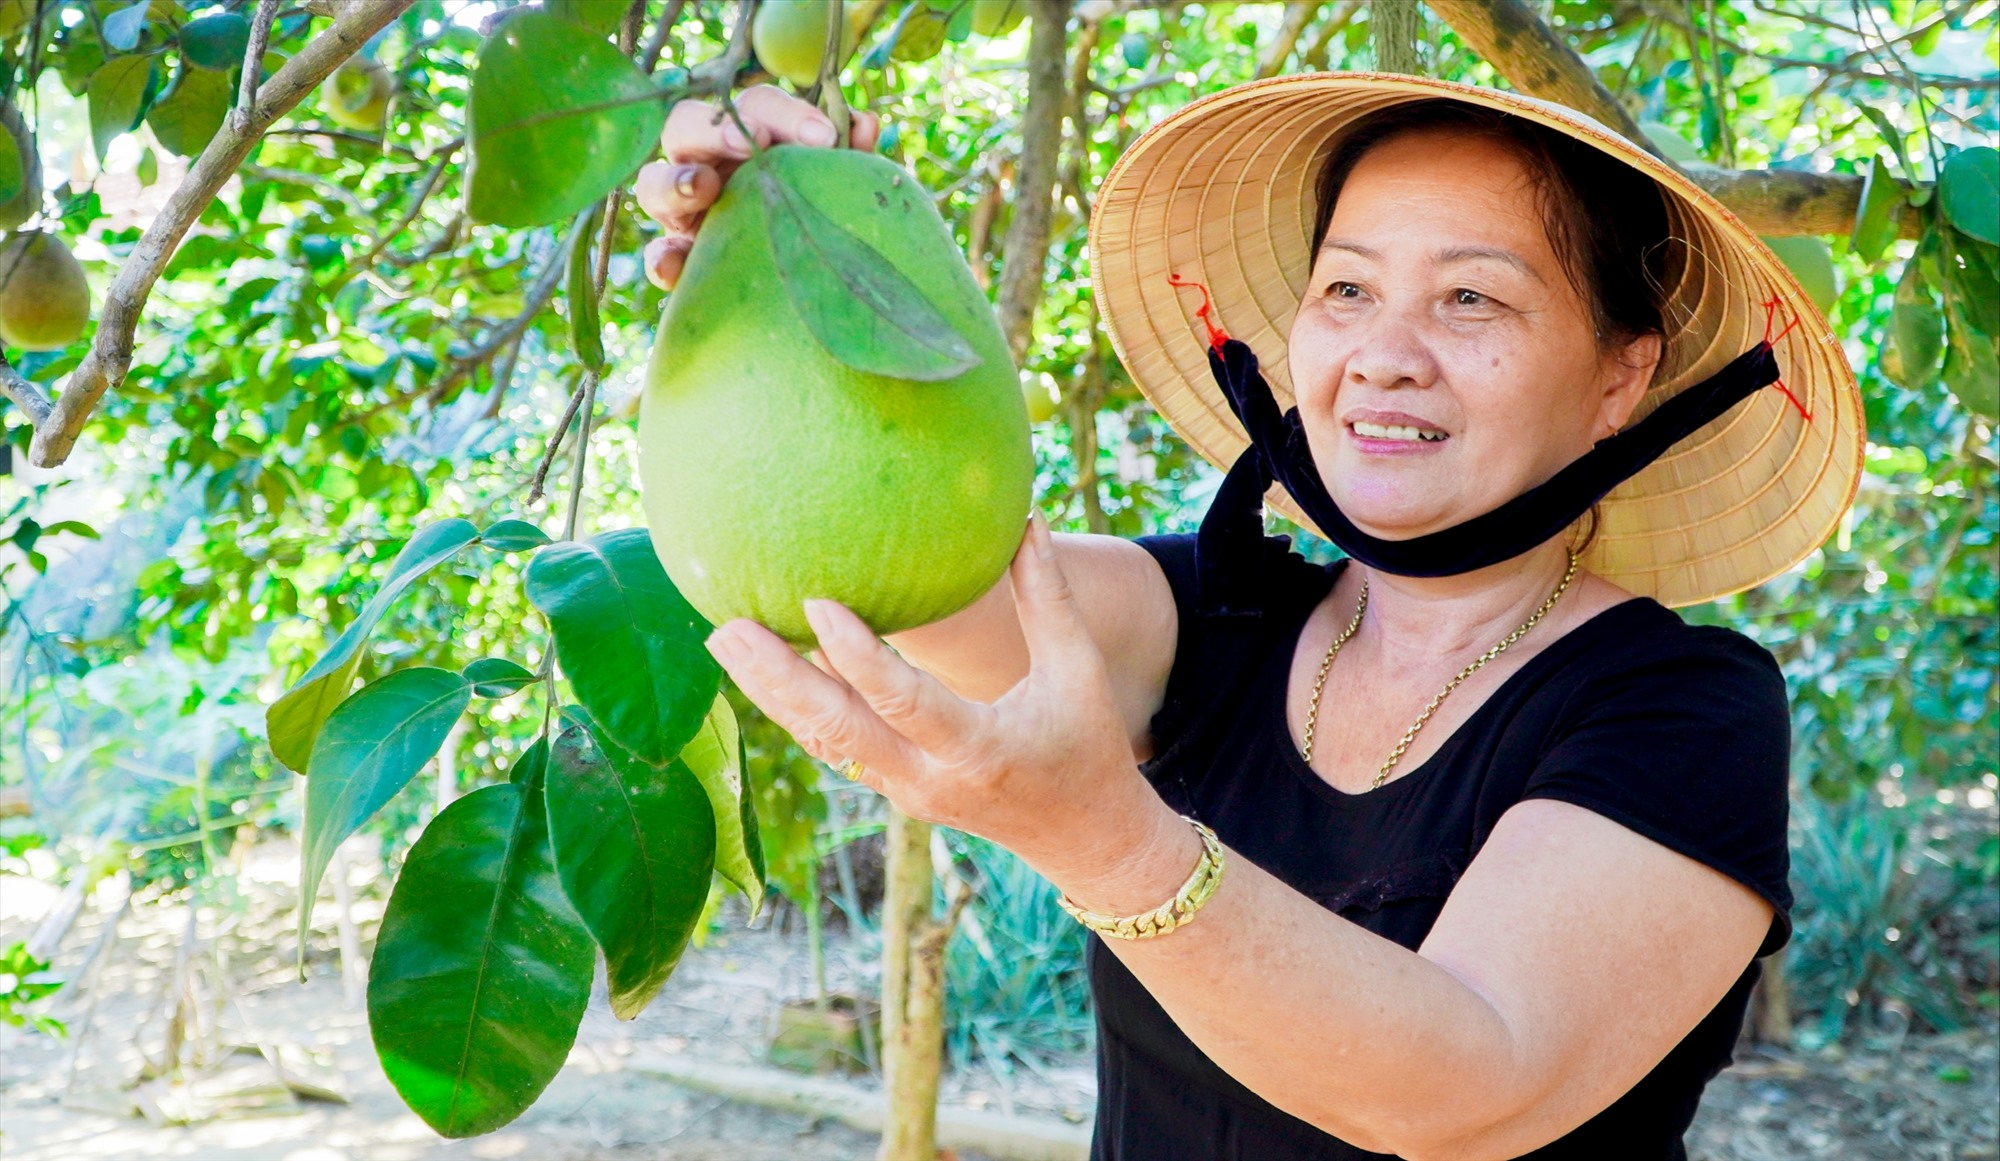 Nhiều mô hình kinh tế vườn ở làng Đại Bình (Quế Trung, Nông Sơn) cho hiệu quả kinh tế cao. Ảnh: S.A